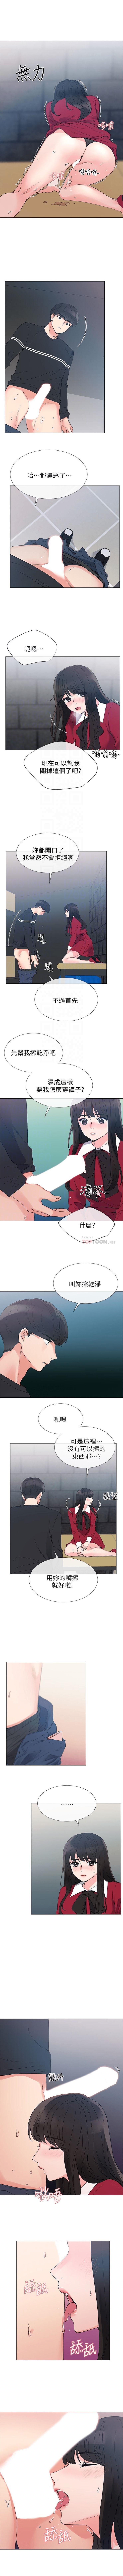 重考生 1-44 中文翻译(更新中) 251